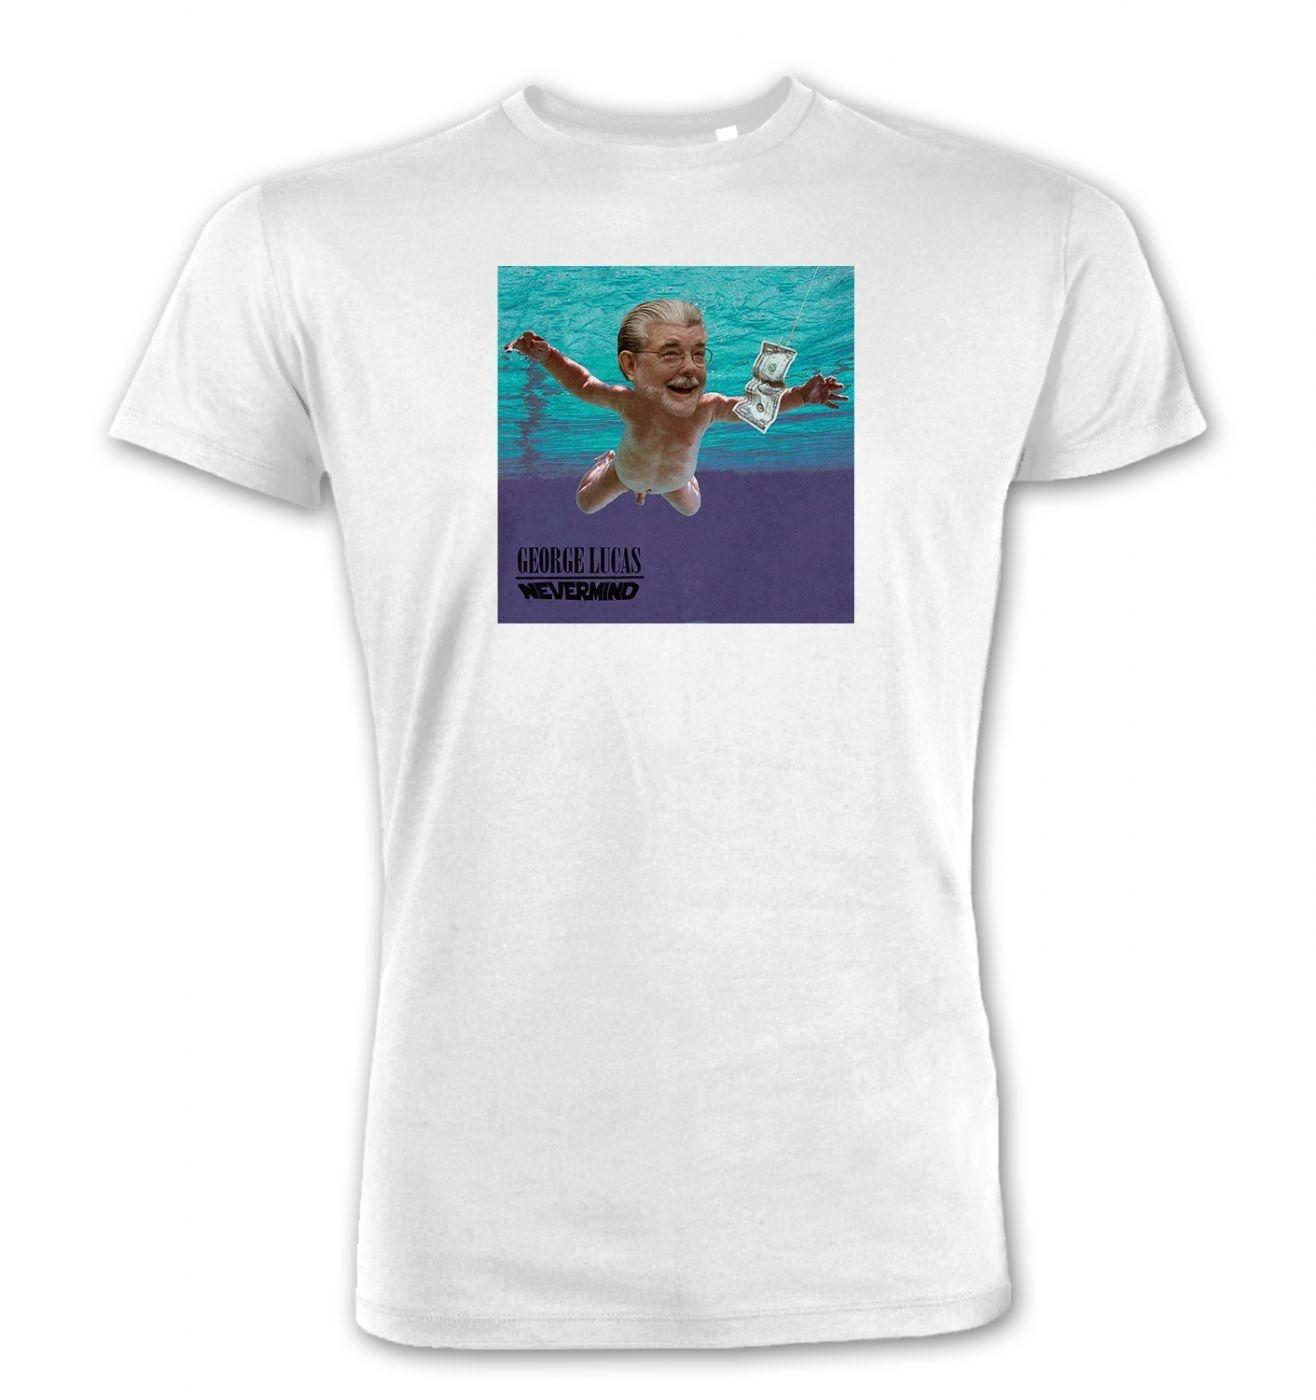 Starcraft T Shirt Design